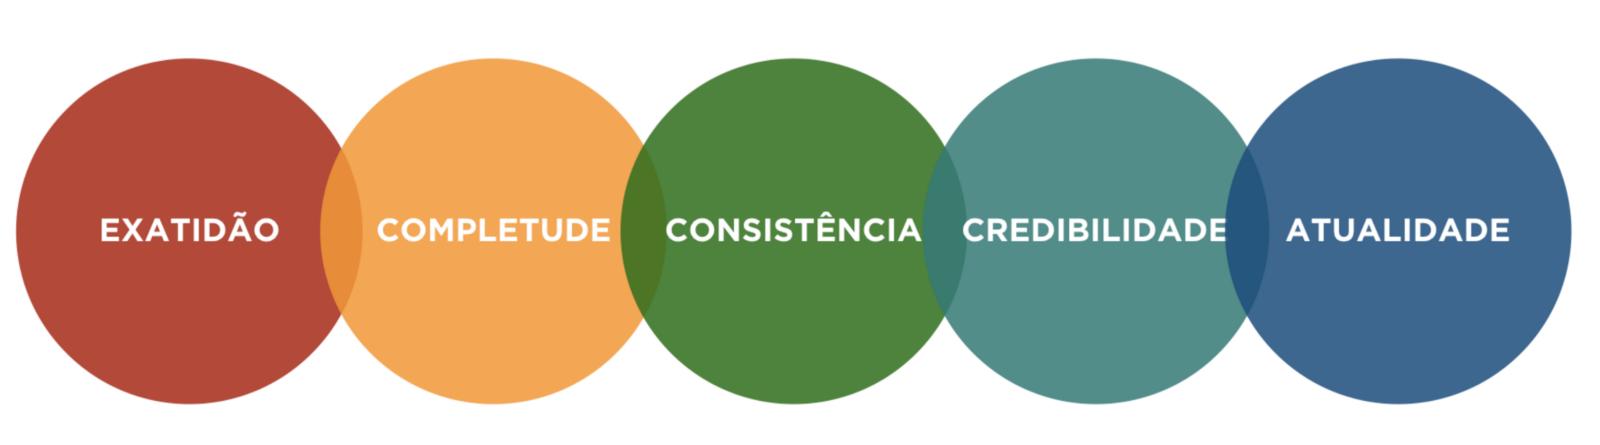 Exatidão, completude, consistência, credibilidade e atualidade